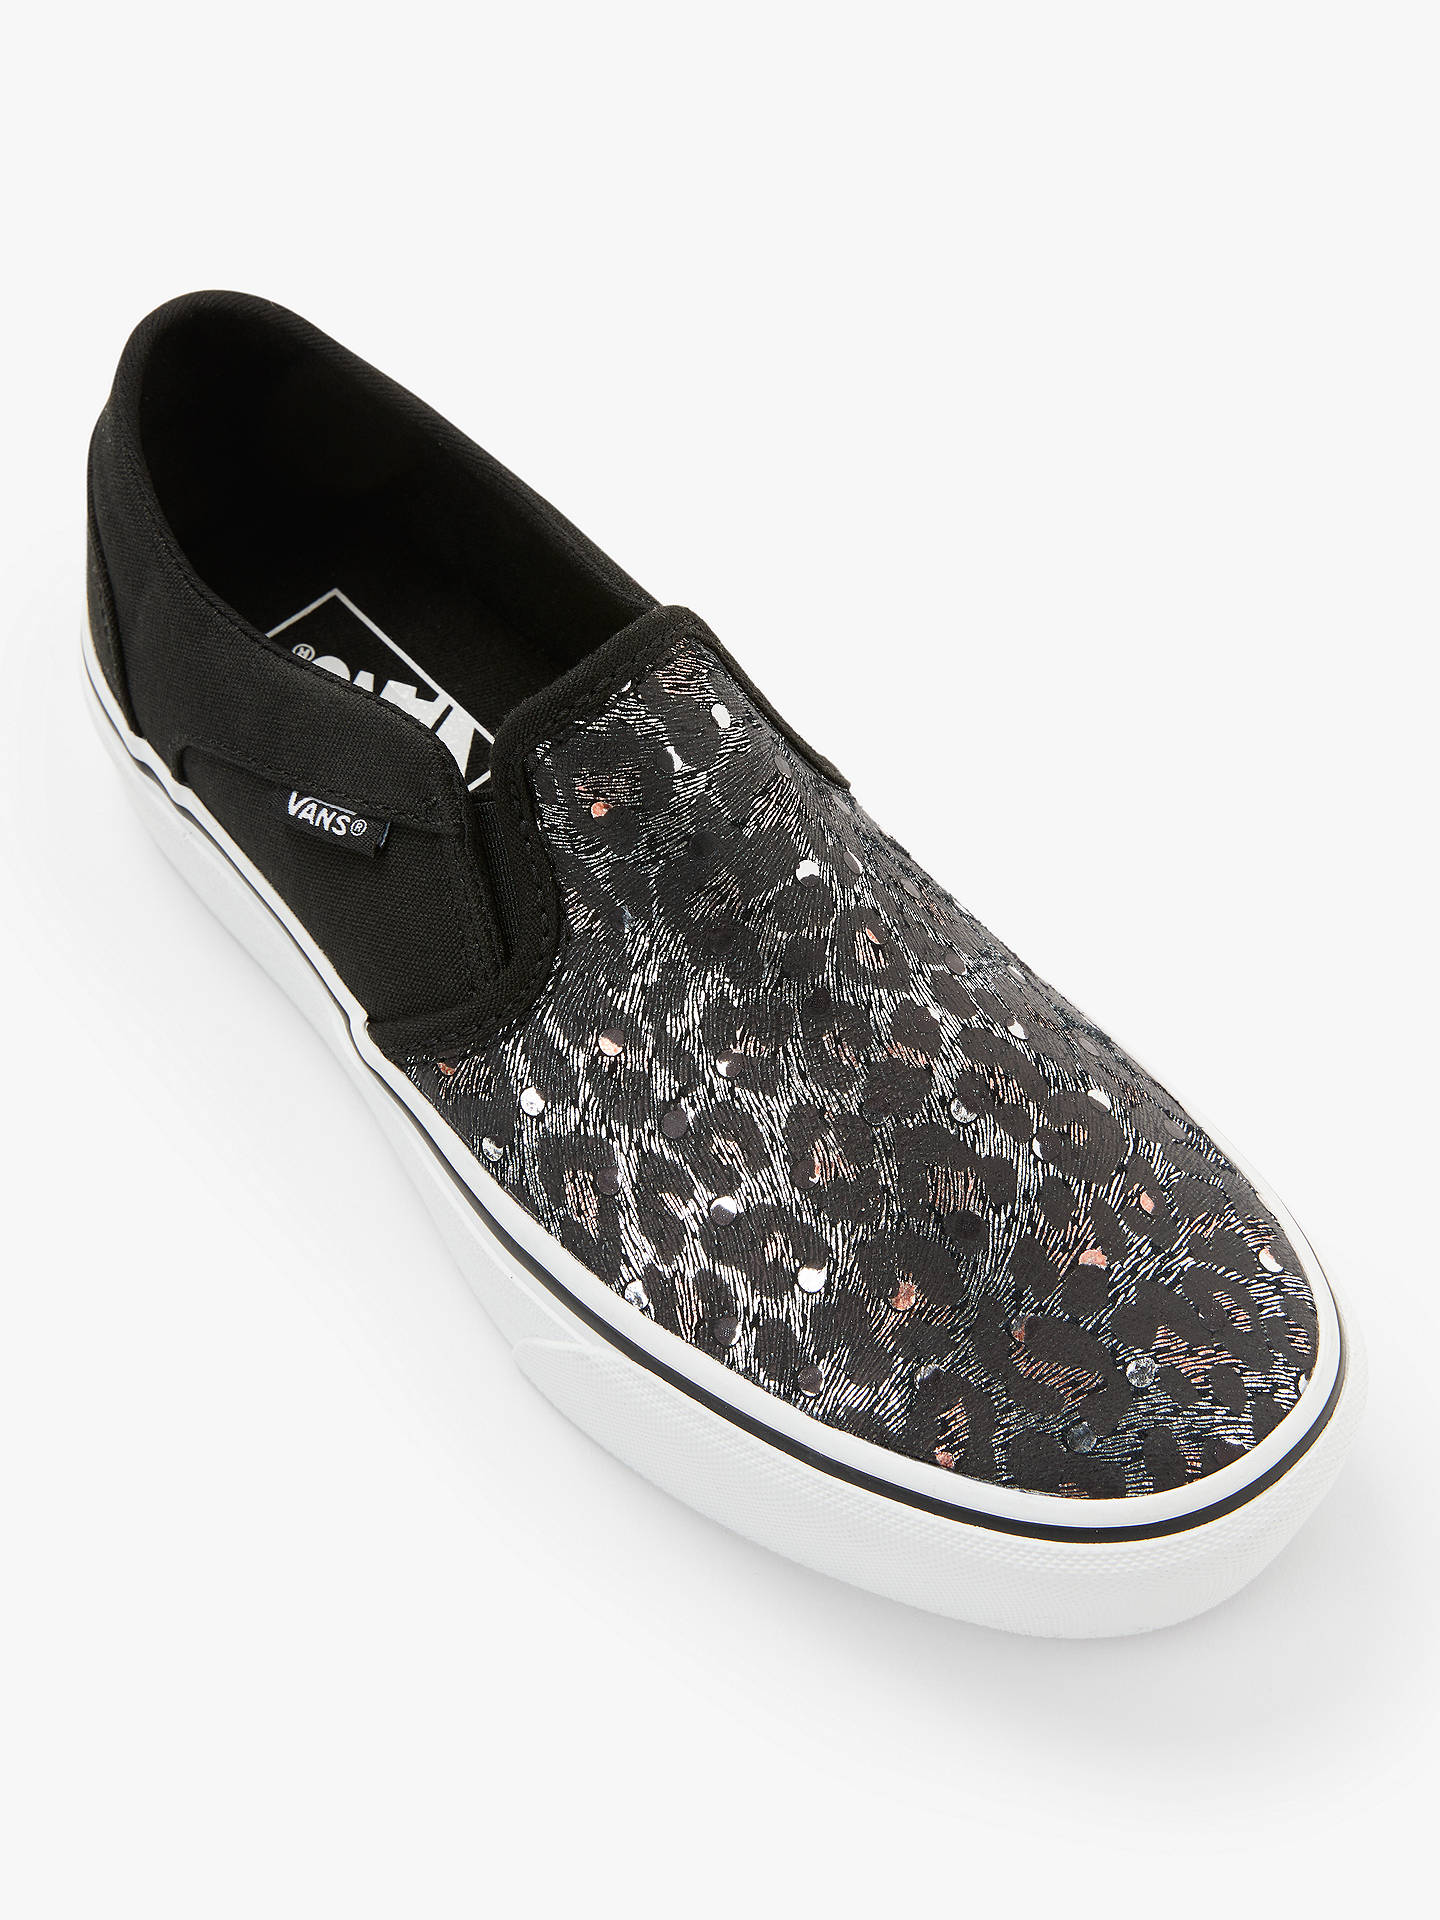 Vans Asher Slip On Platform Trainers, Black/Met Leopard at John ...